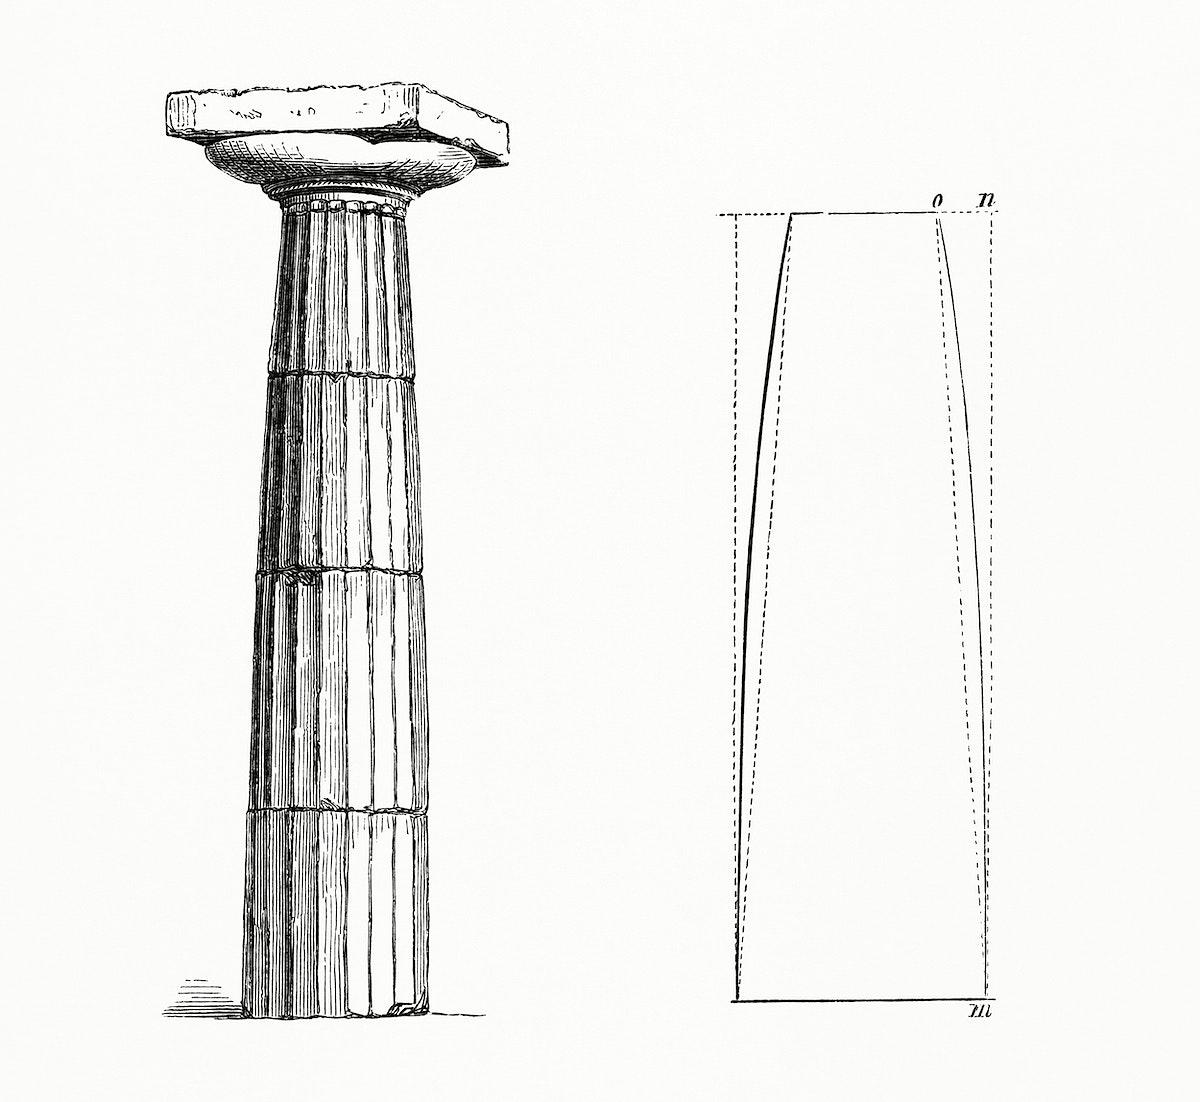 Vintage illustration of Column Design